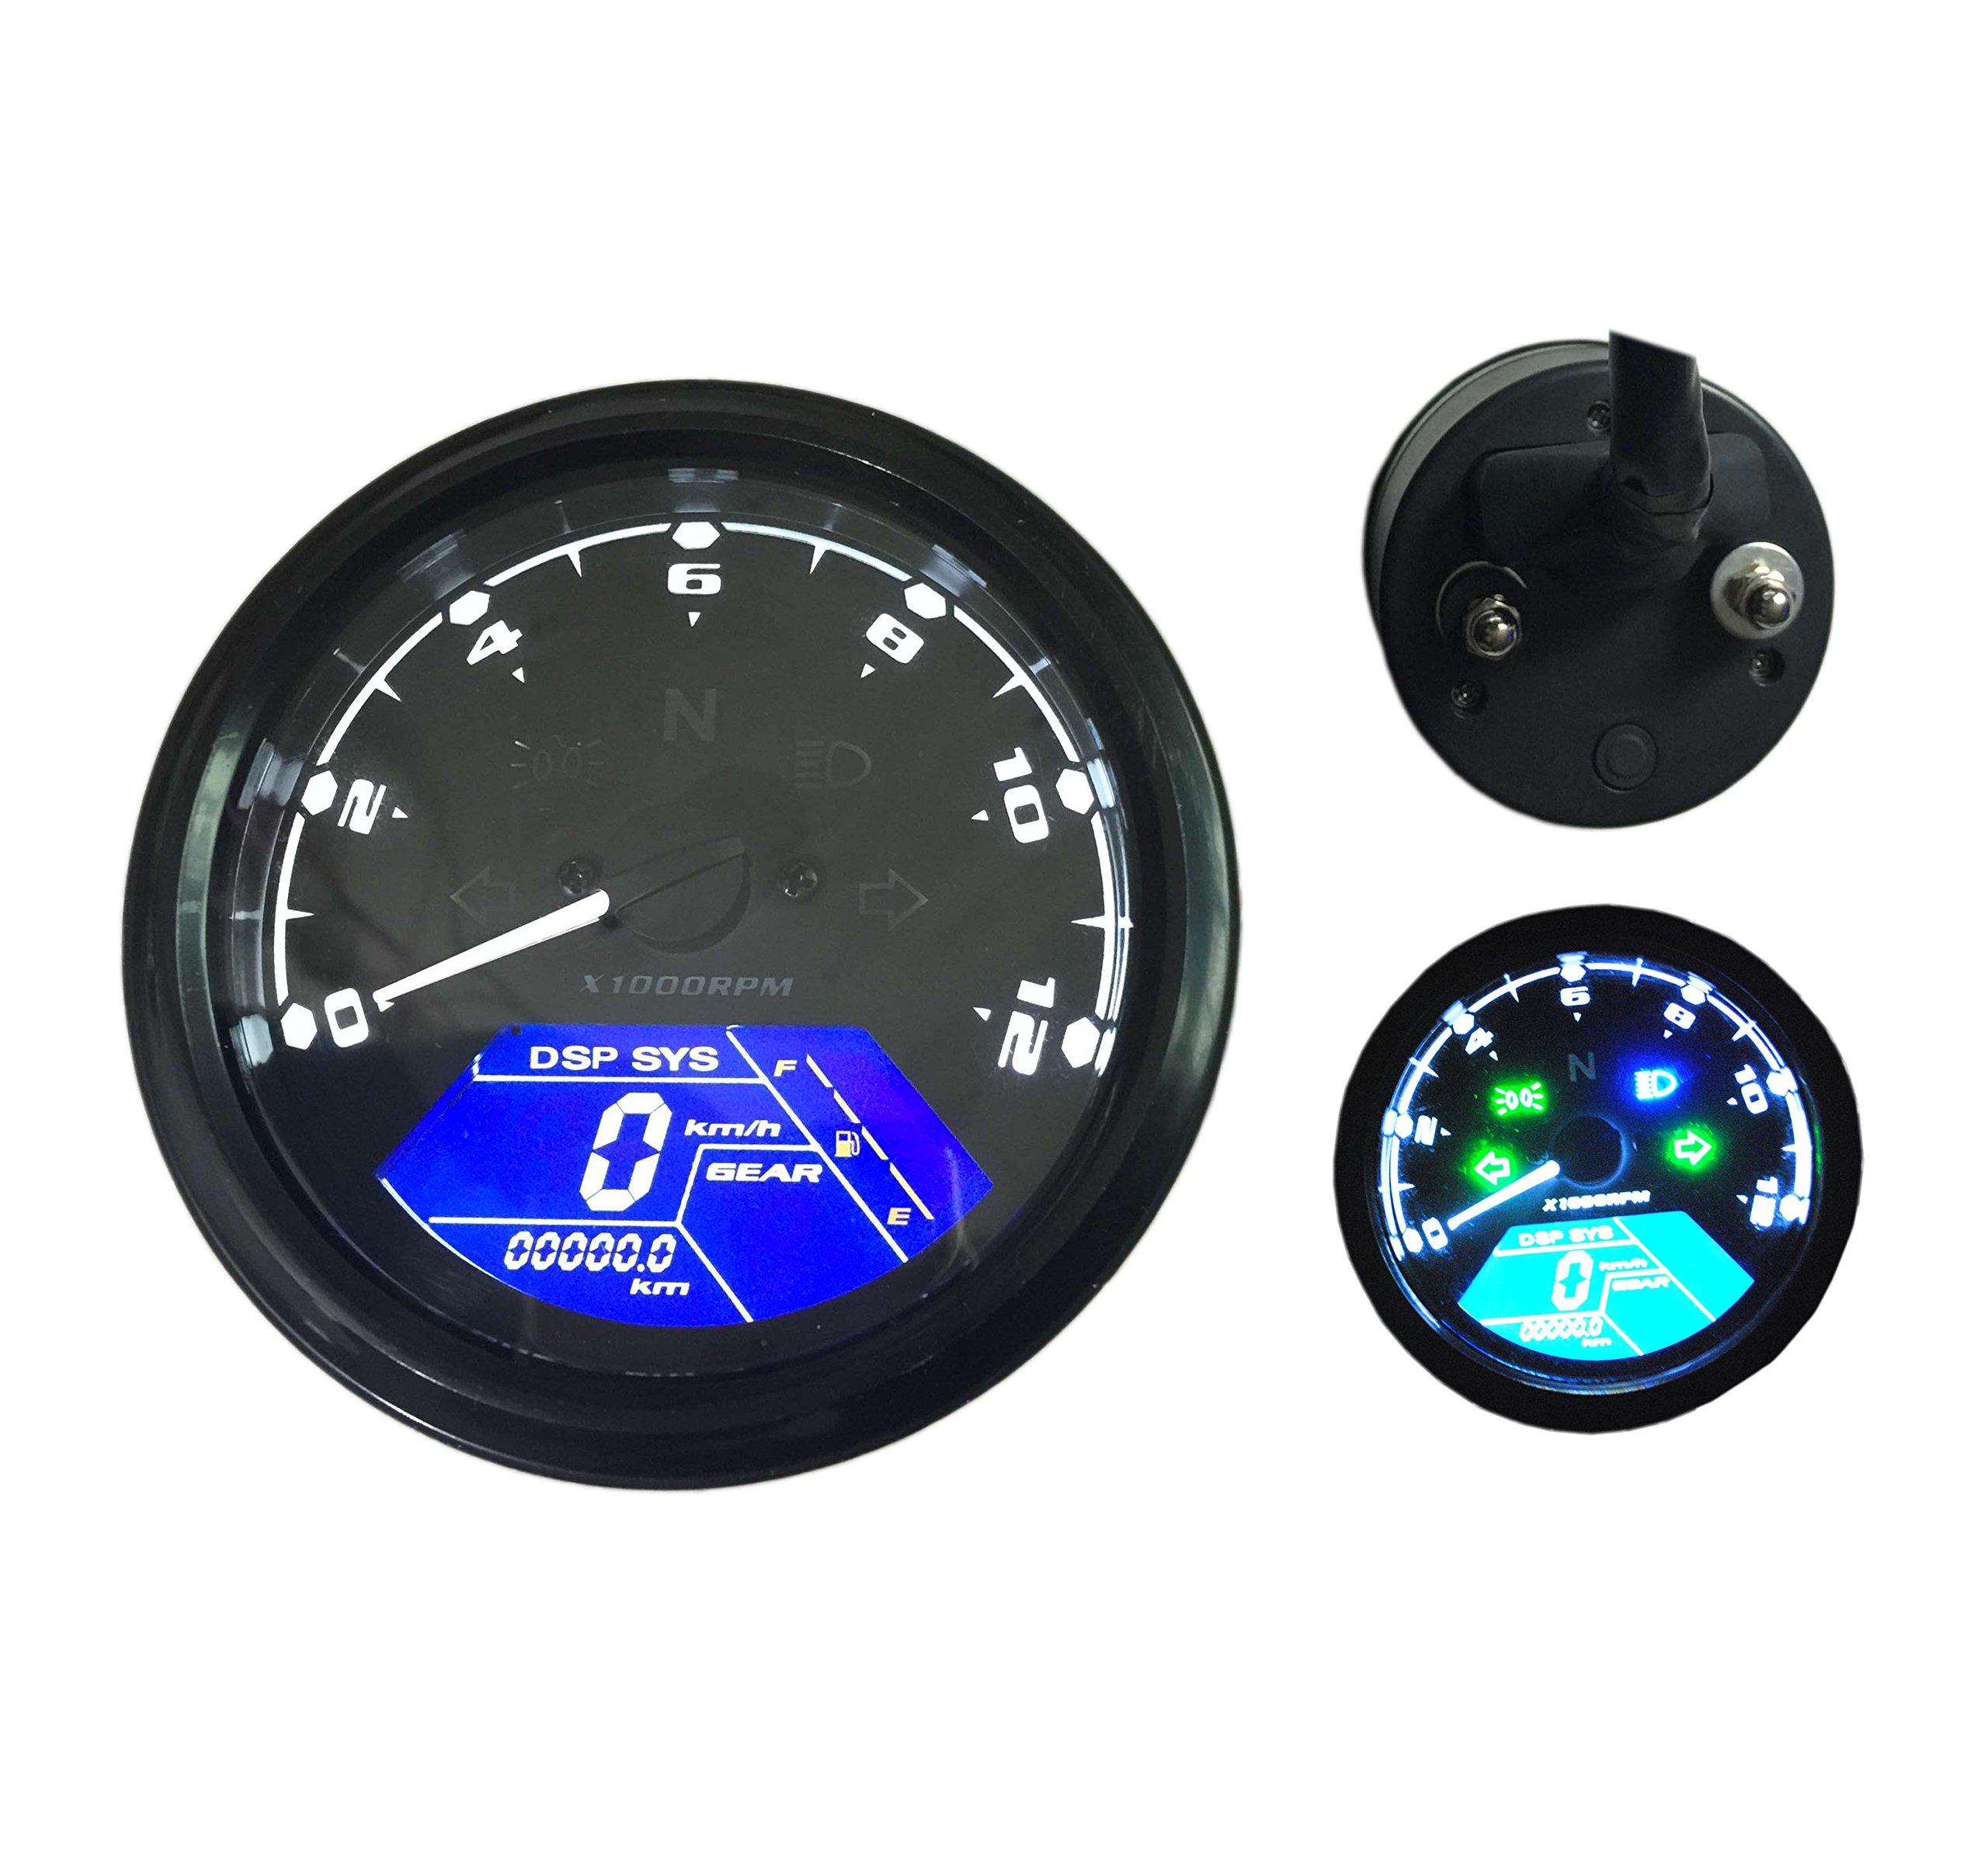 Sican LCD Speedometer Odometer Tachometer Motorcycle Motor Bike 1,2,4 Cylinders